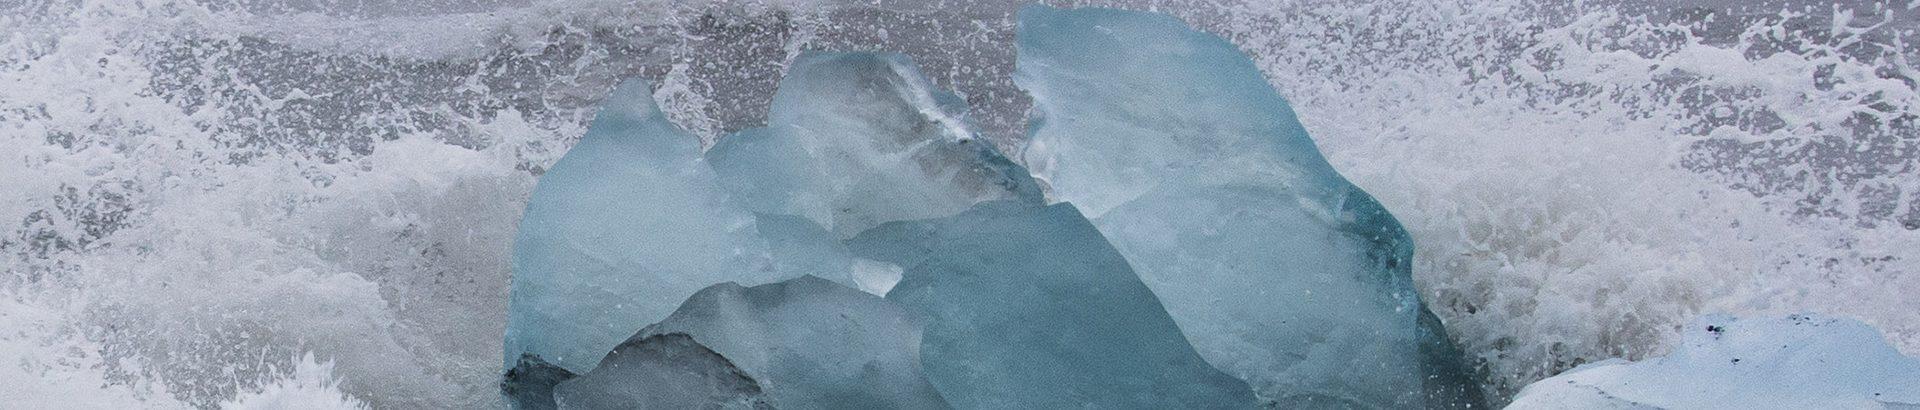 Vue sur un iceberg du Jokulsarlon en Islande